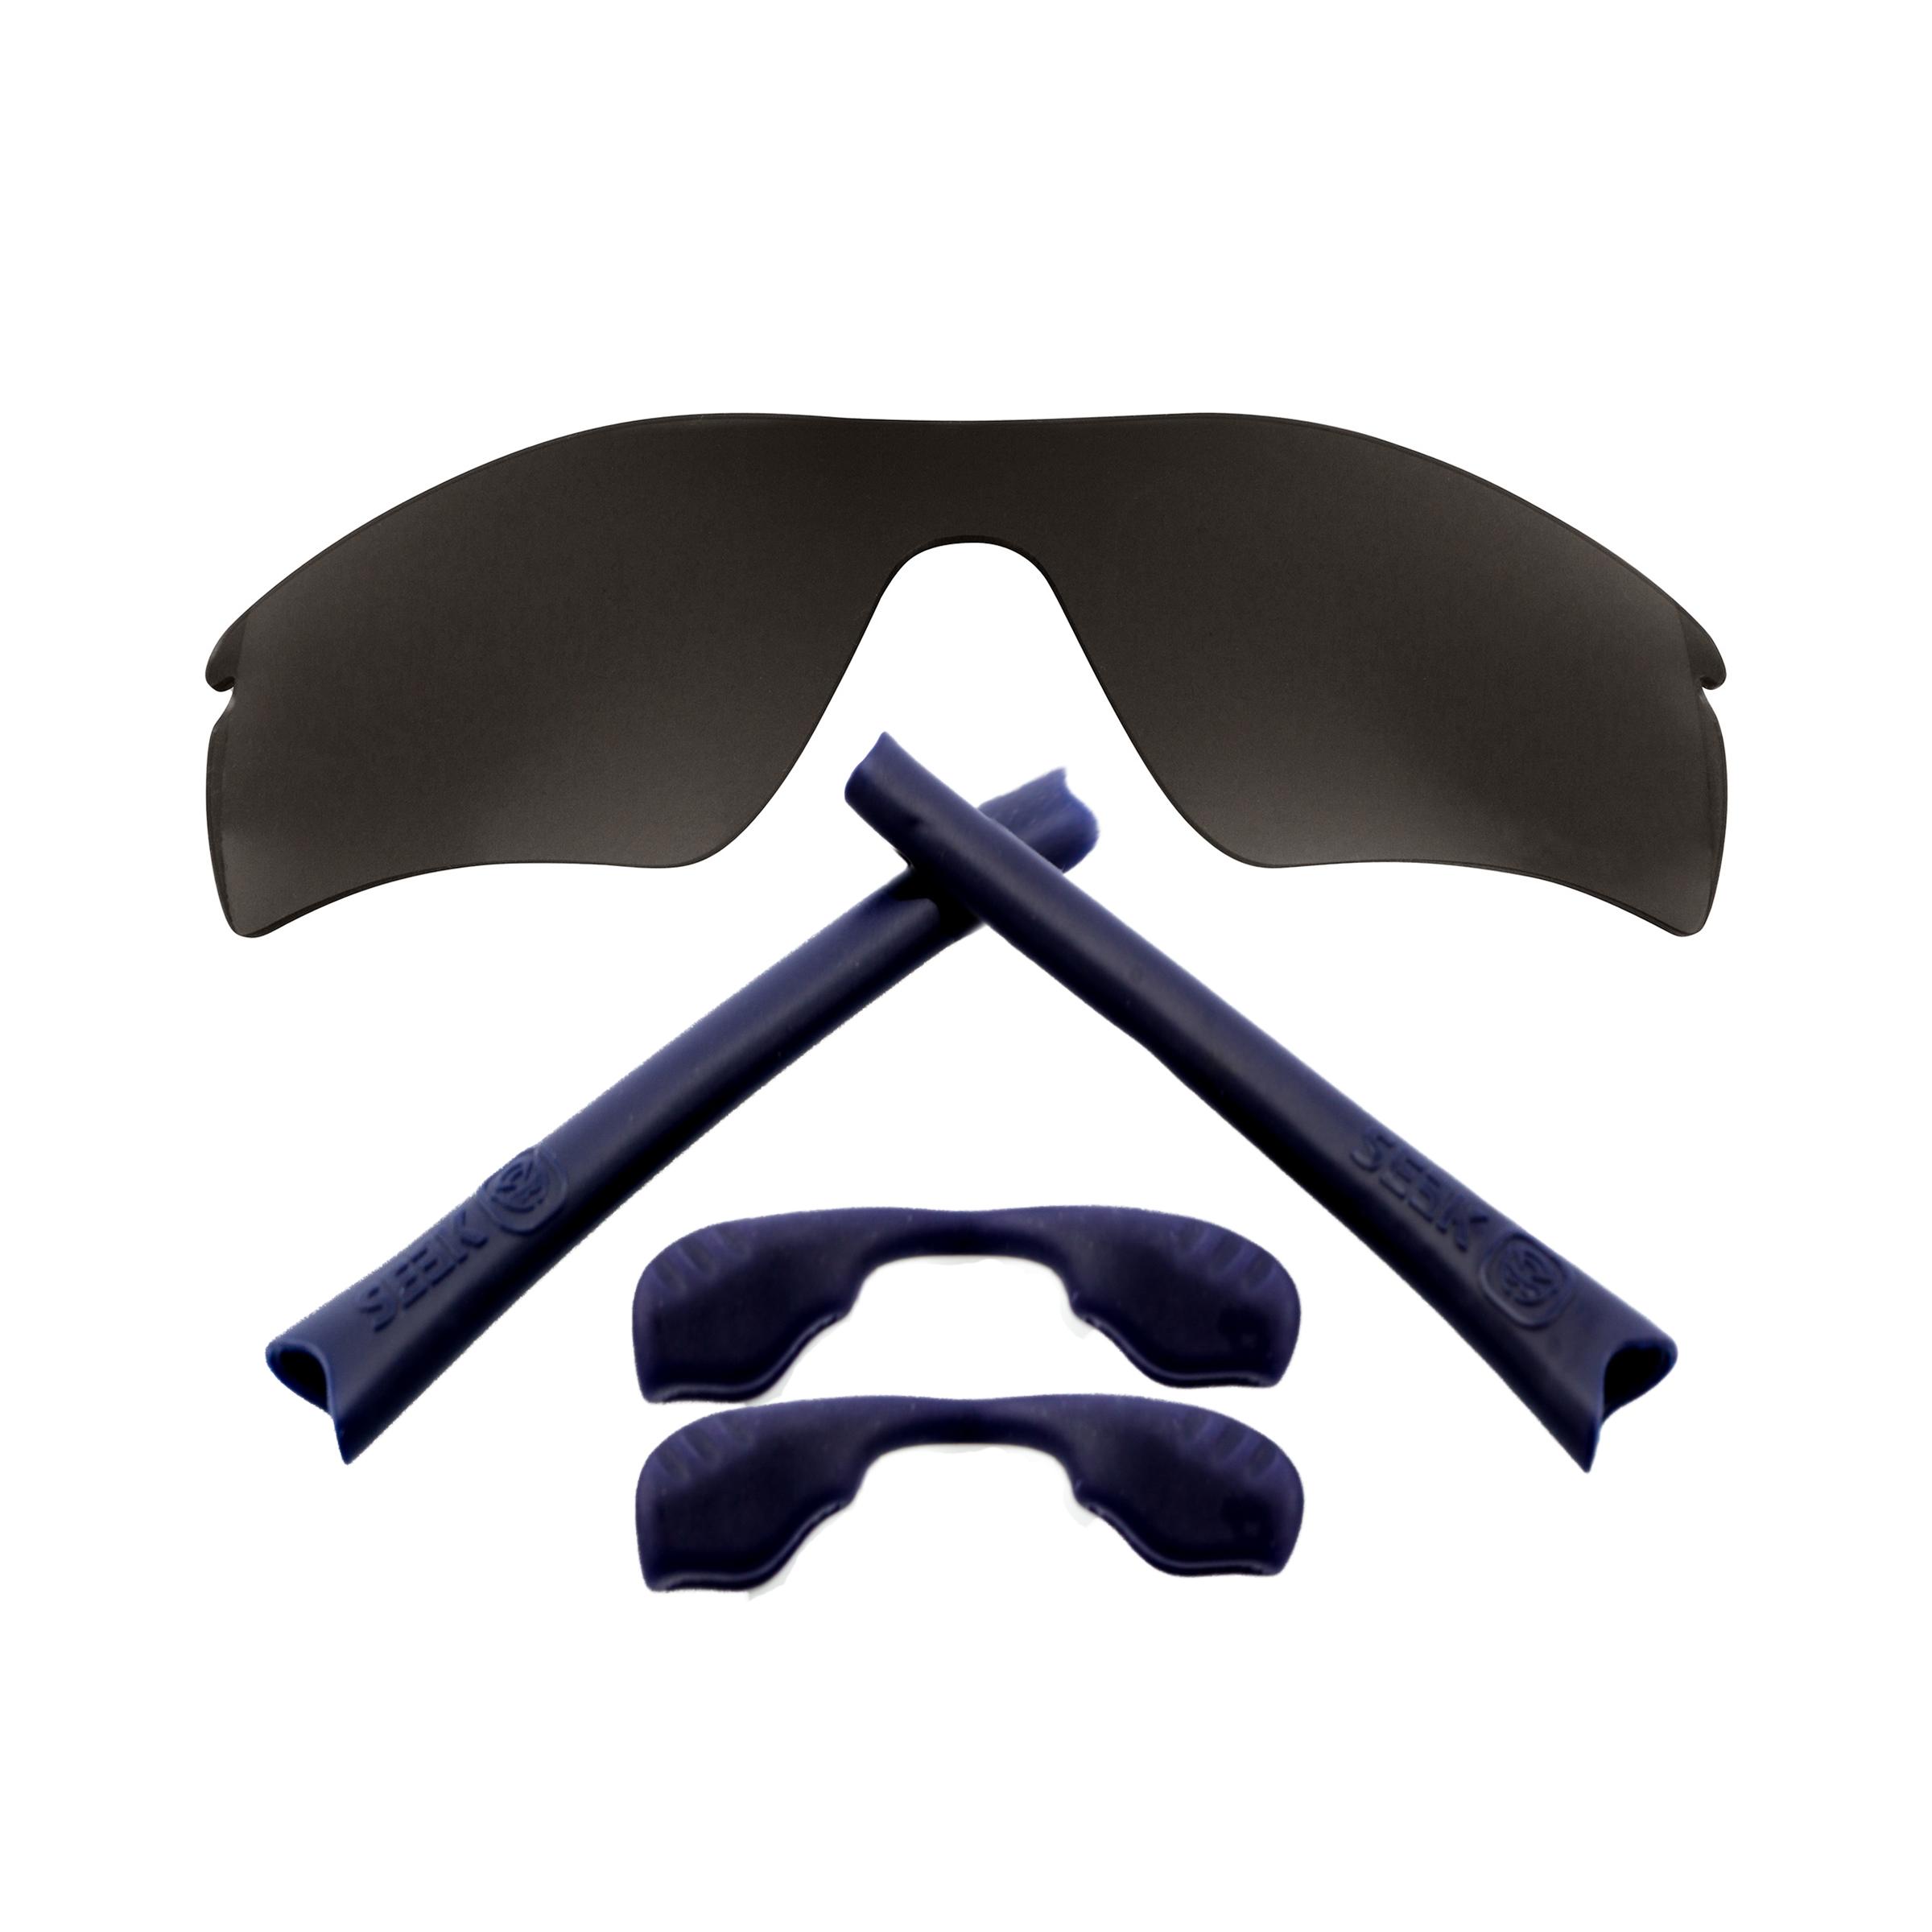 Sonnenbrillen Streng Radar Path Gläser Zubehörset Schwarz Iridium Navy Blau Von Seek Passt Oakley Quell Sommer Durst